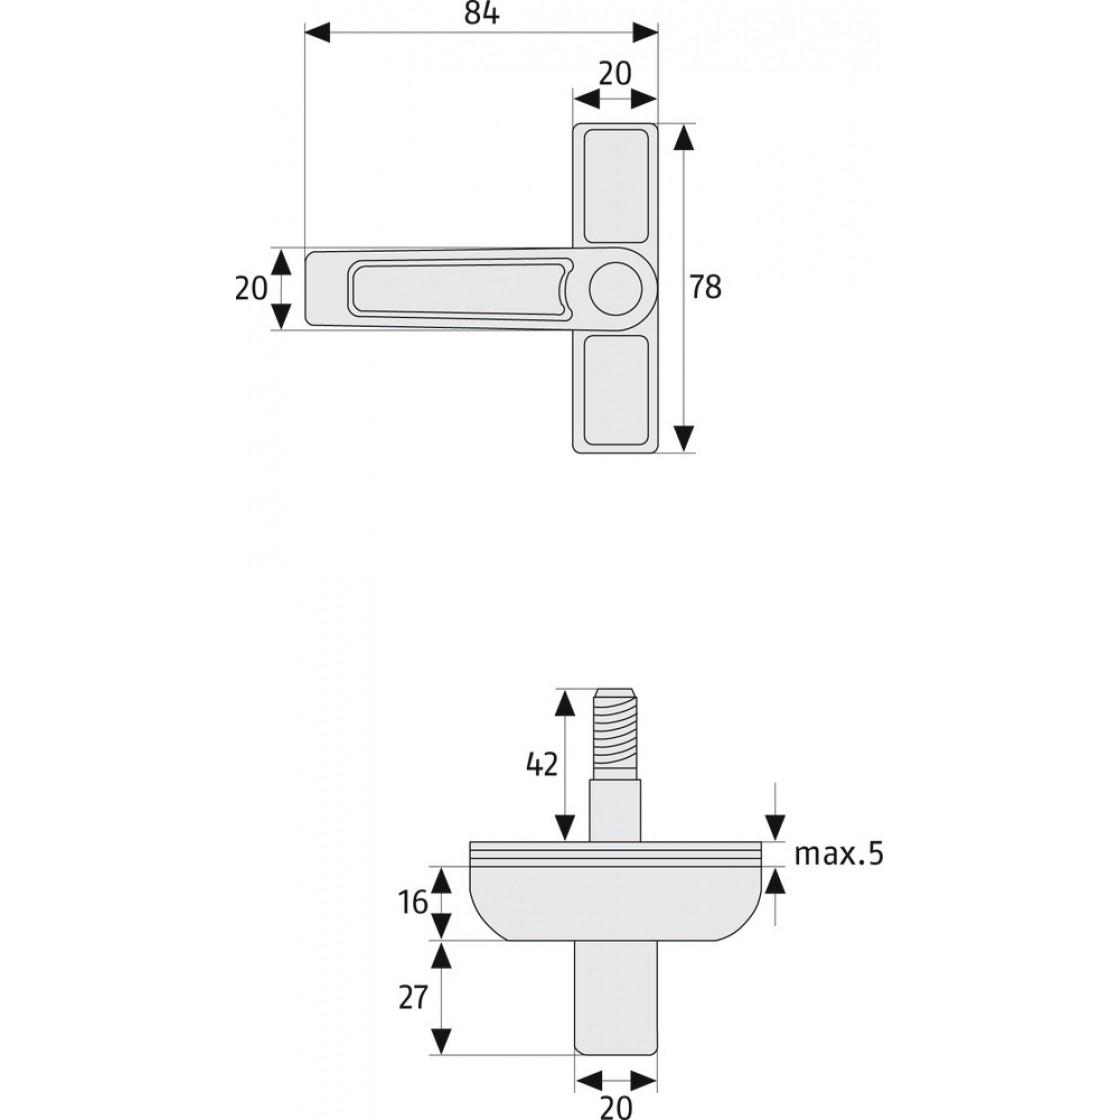 Full Size of Abus Fenster Sicherheitsfolie Test Rahmenlose Teleskopstange Alu Insektenschutz Online Konfigurieren Sichtschutz Für Mit Lüftung Folie Einbruchsicher Fenster Abus Fenster